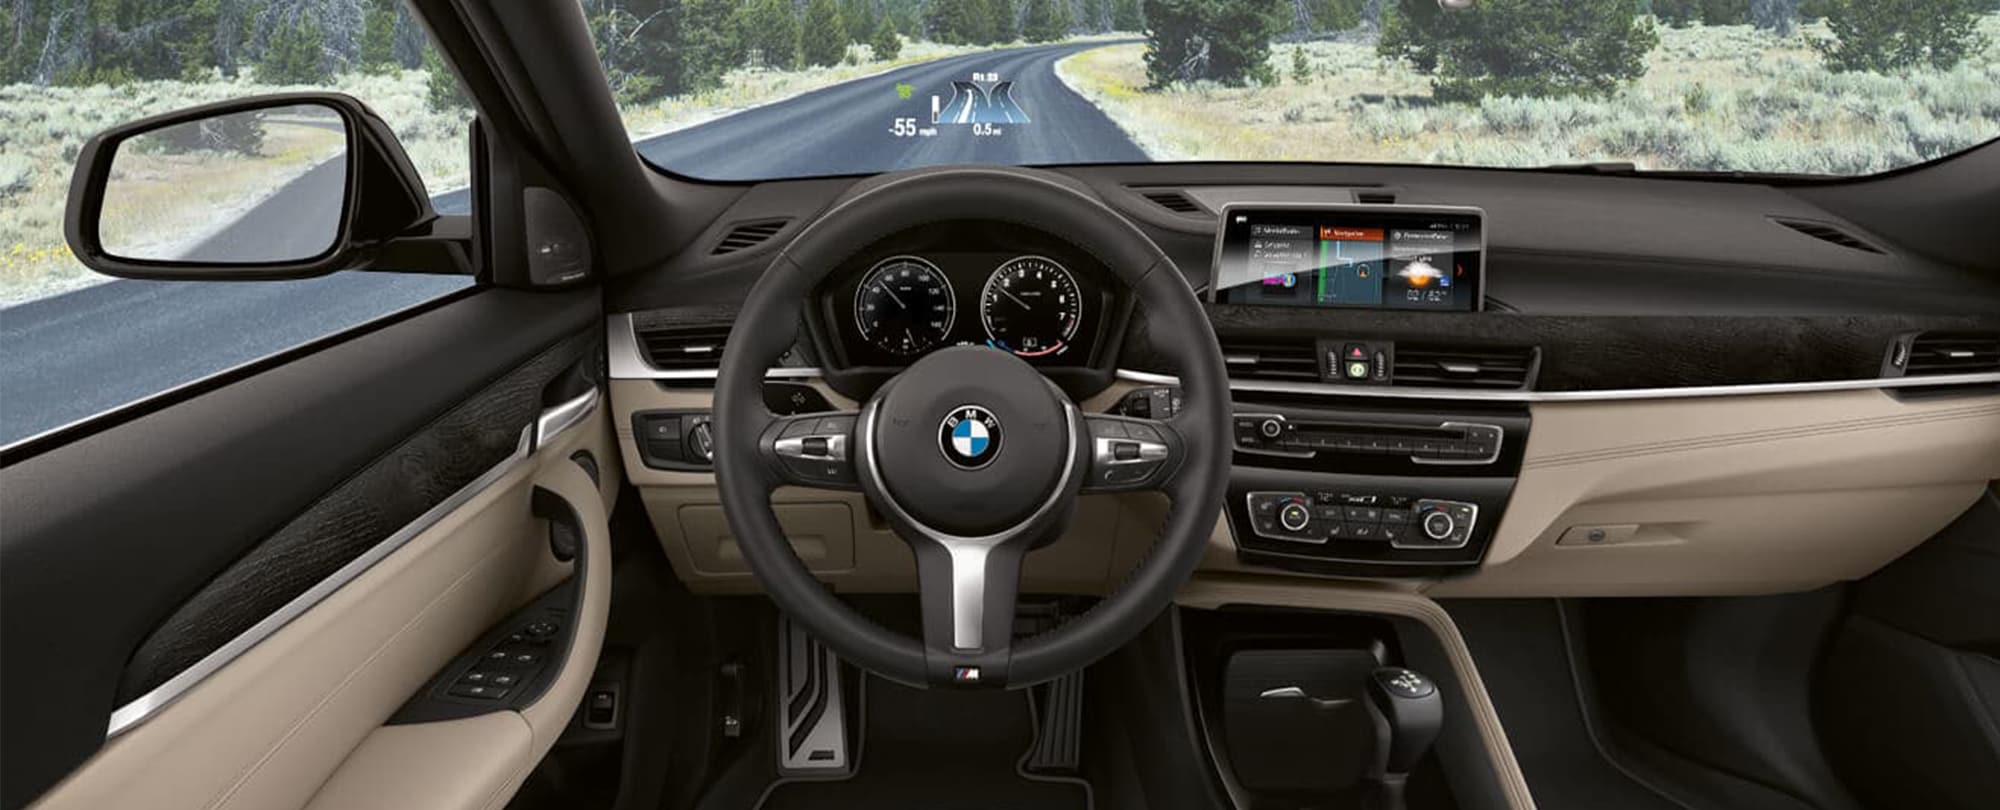 2018 BMW X2 - BMW of Reading, BMW Reading